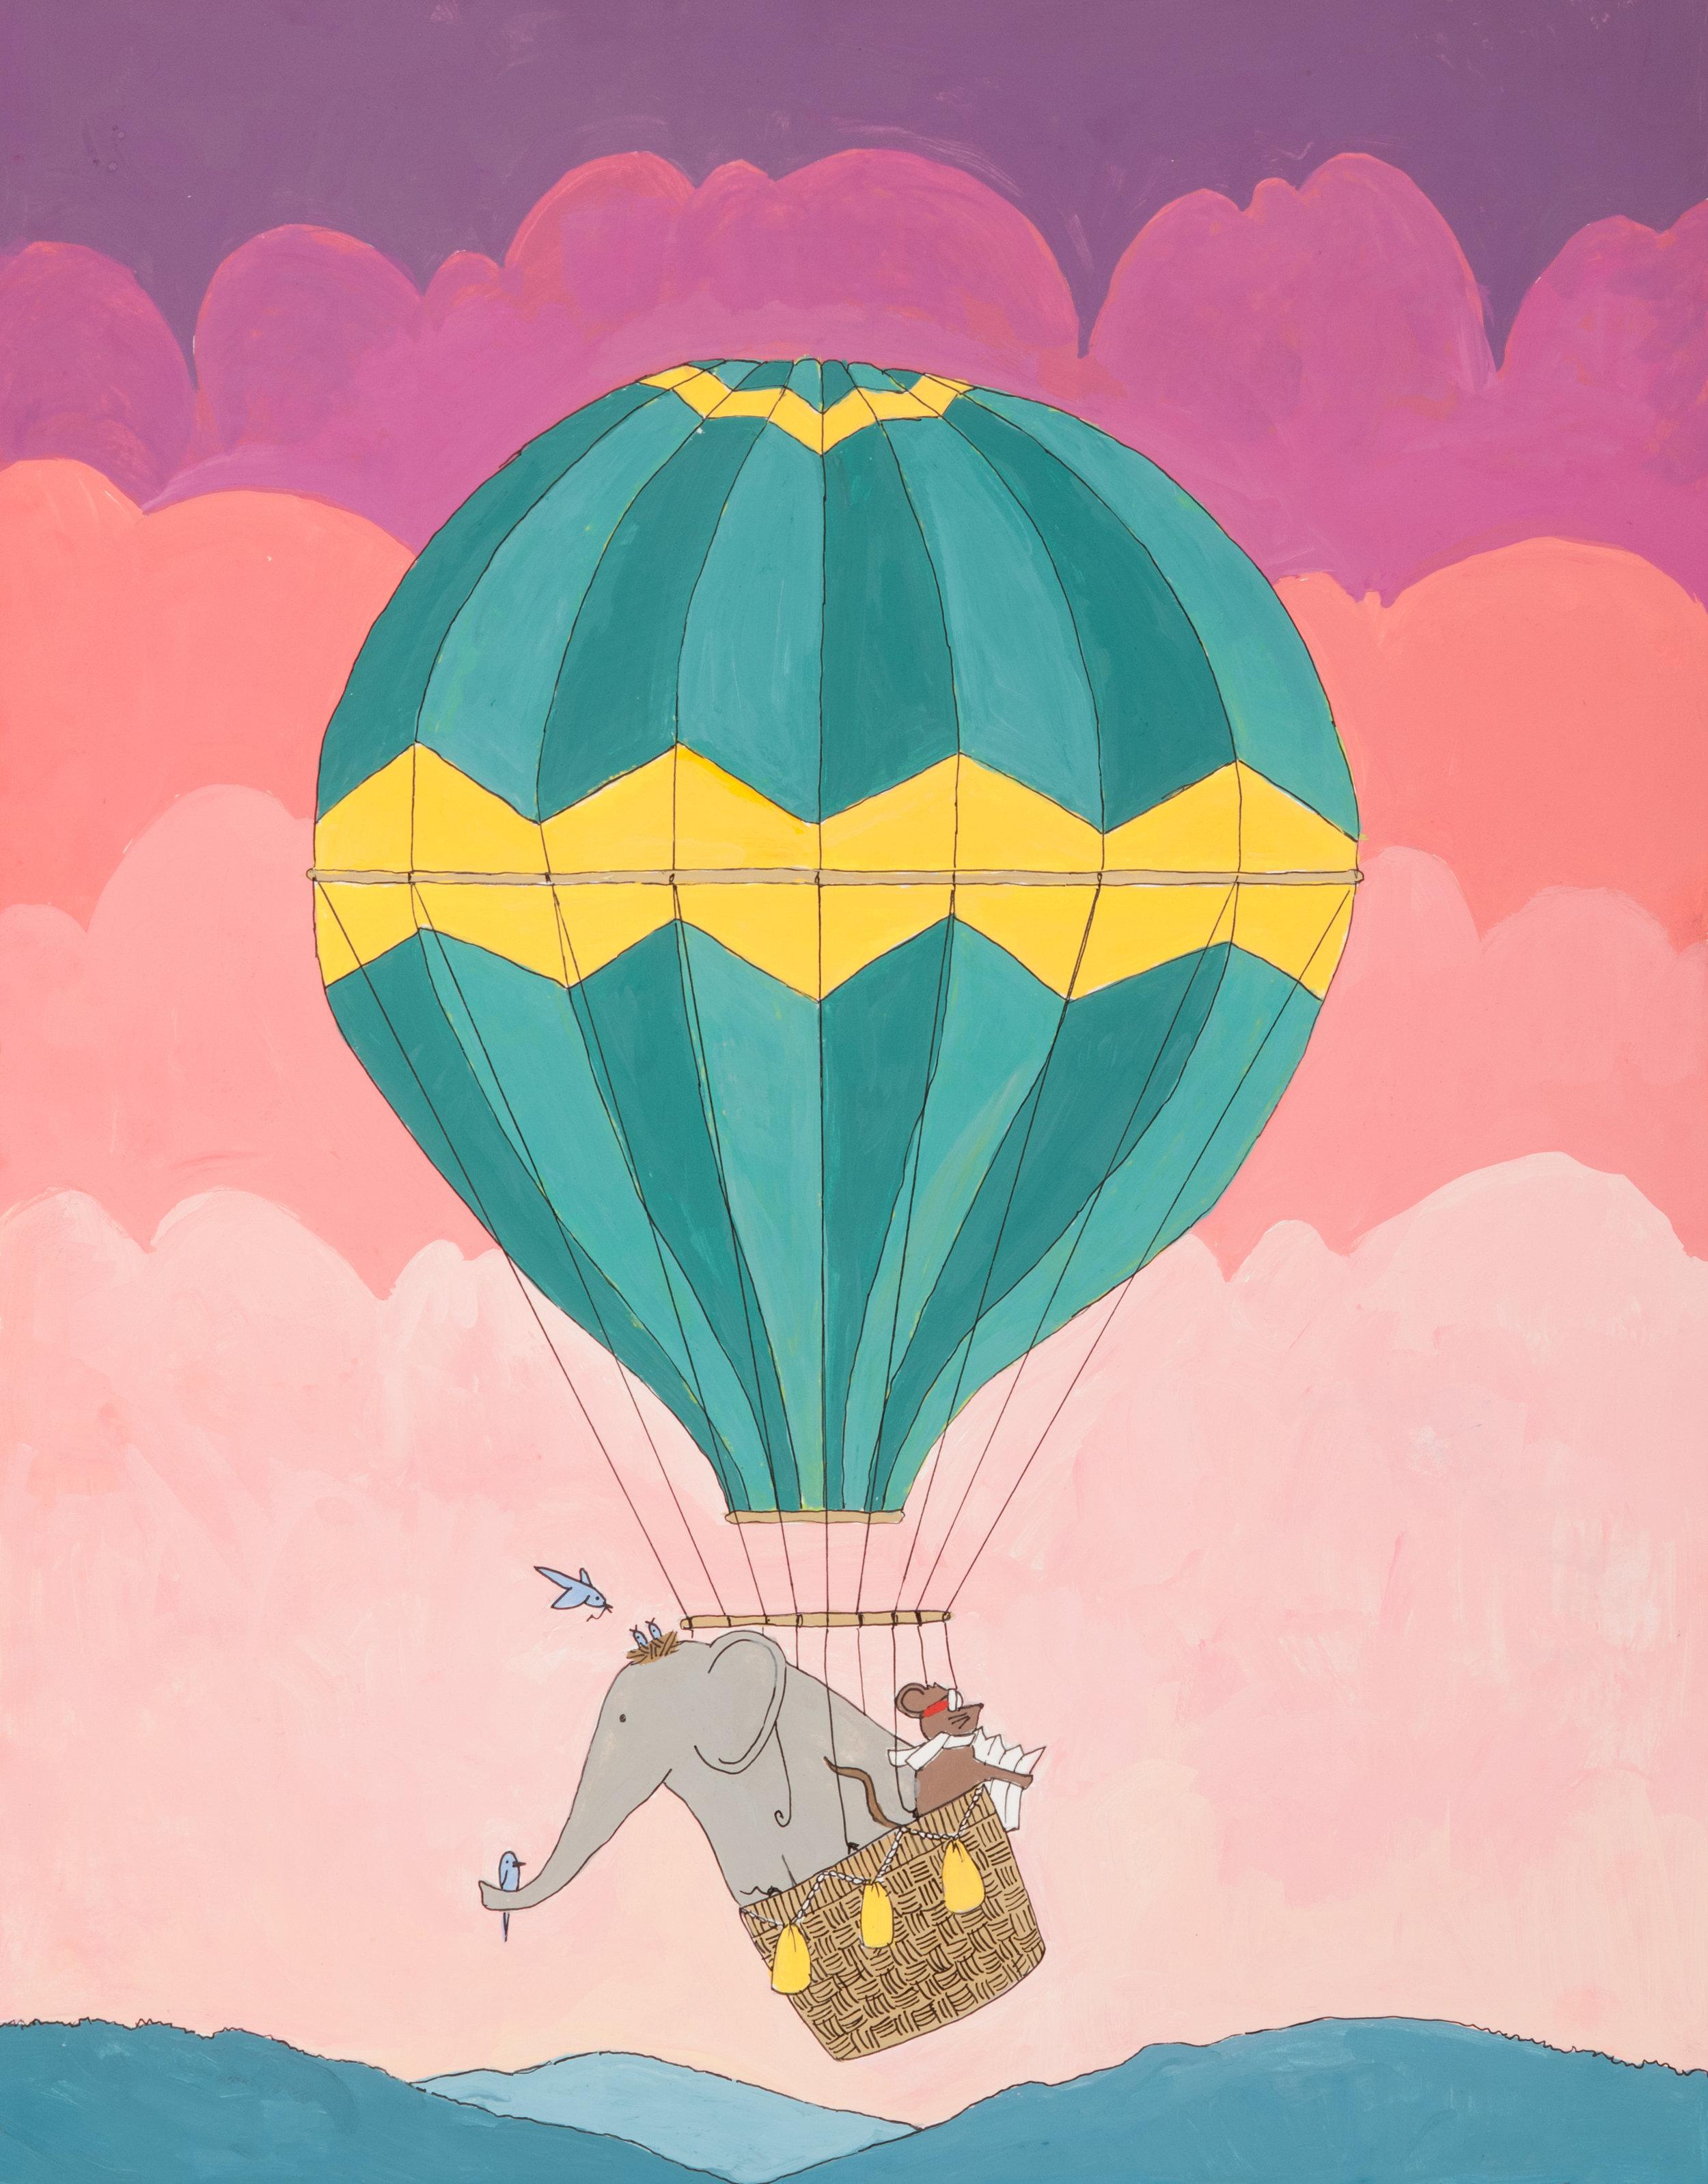 l'aventure en montgolfière